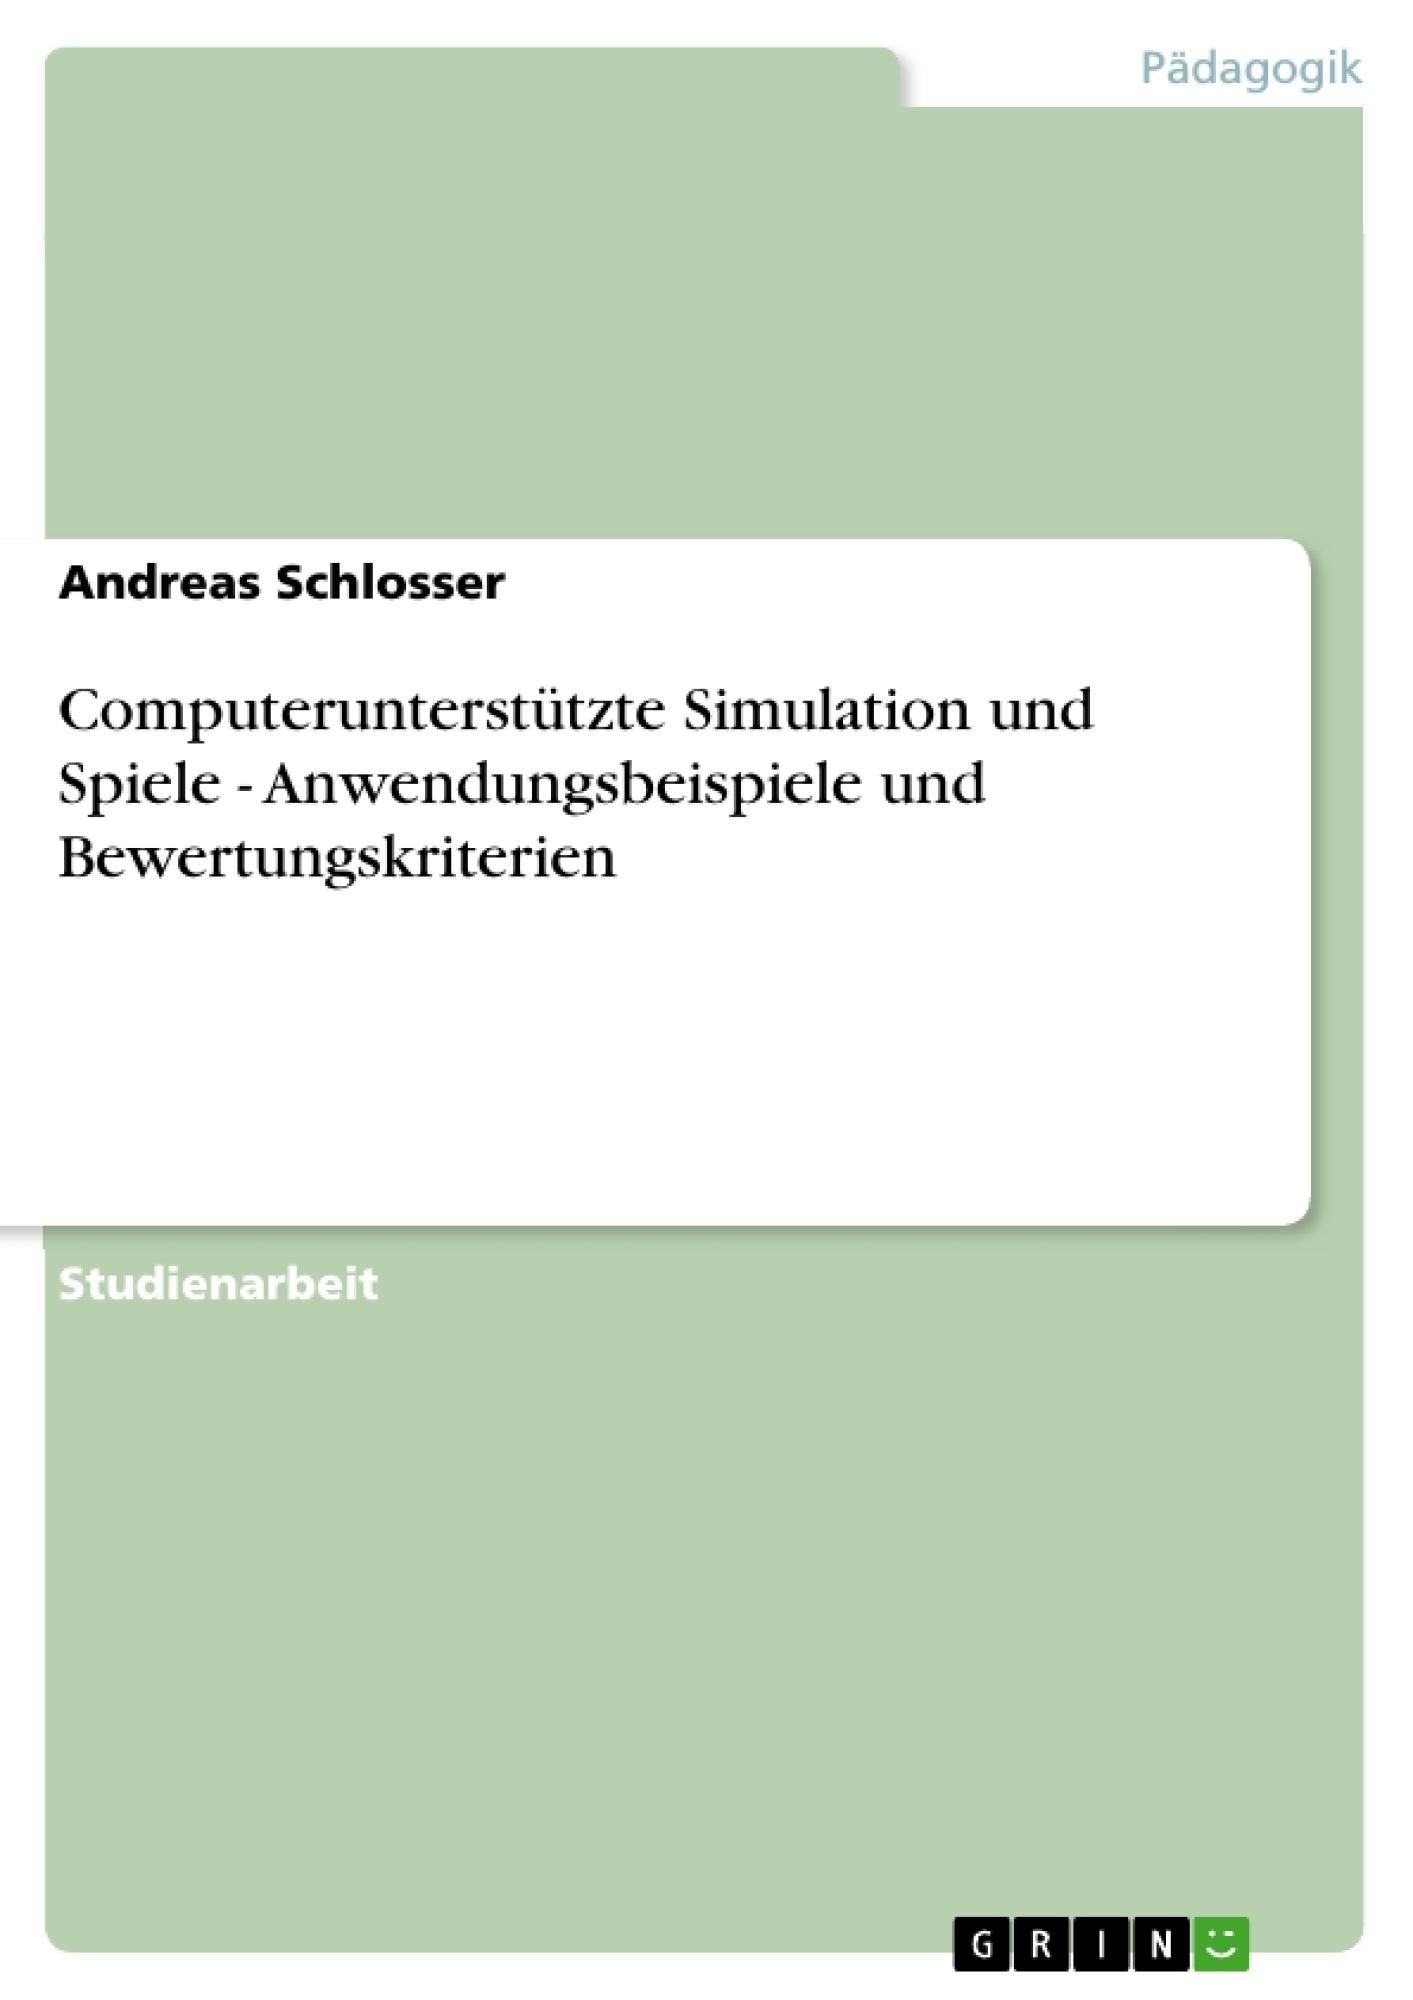 Titel: Computerunterstützte Simulation und Spiele - Anwendungsbeispiele und Bewertungskriterien